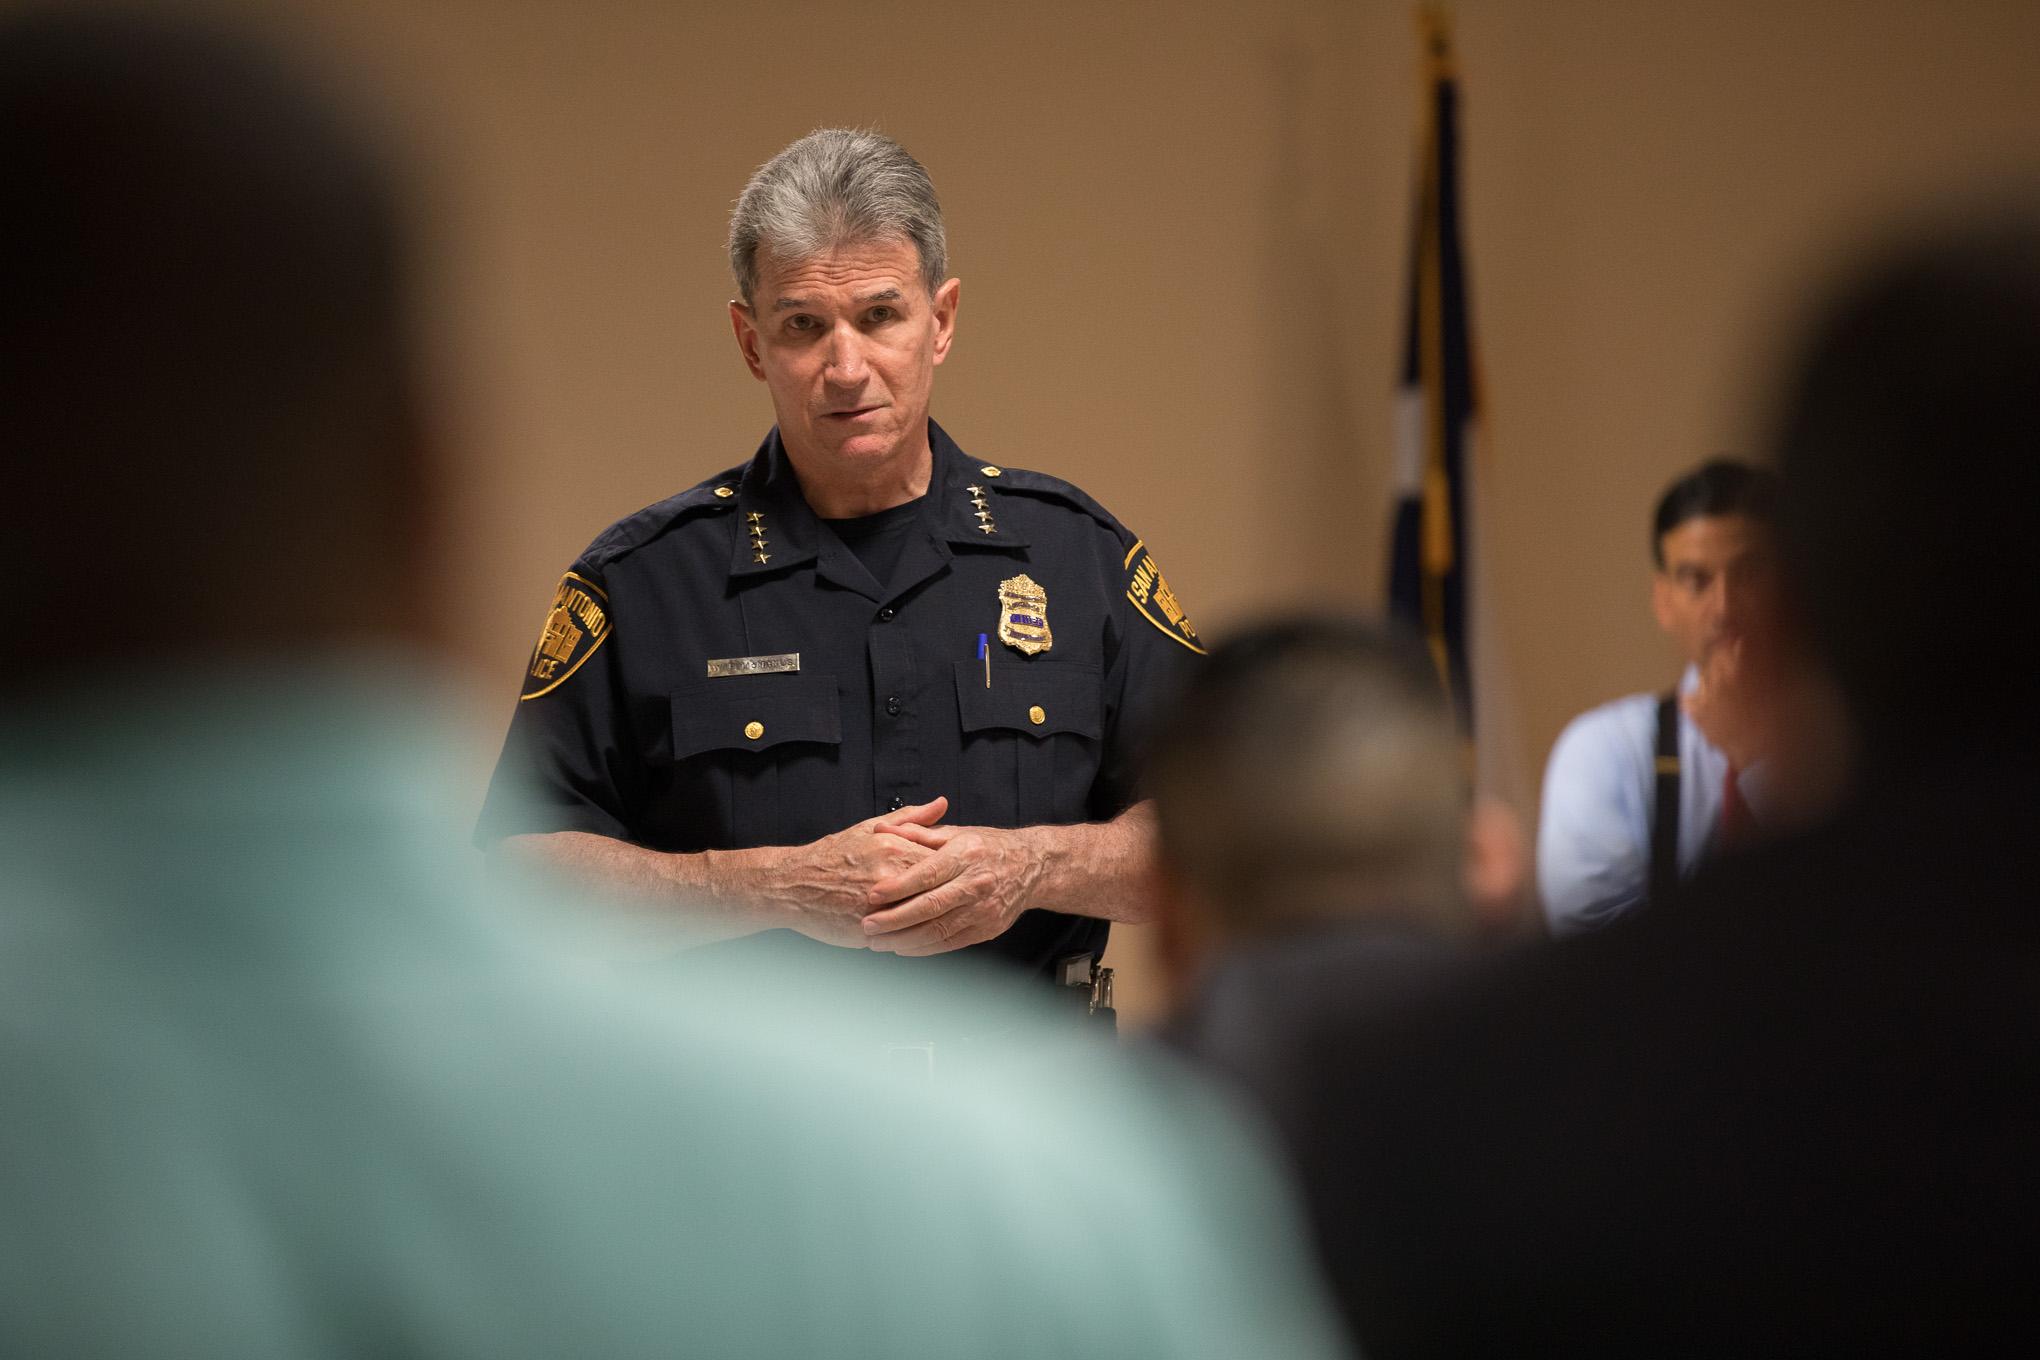 San Antonio Police Chief William McManus